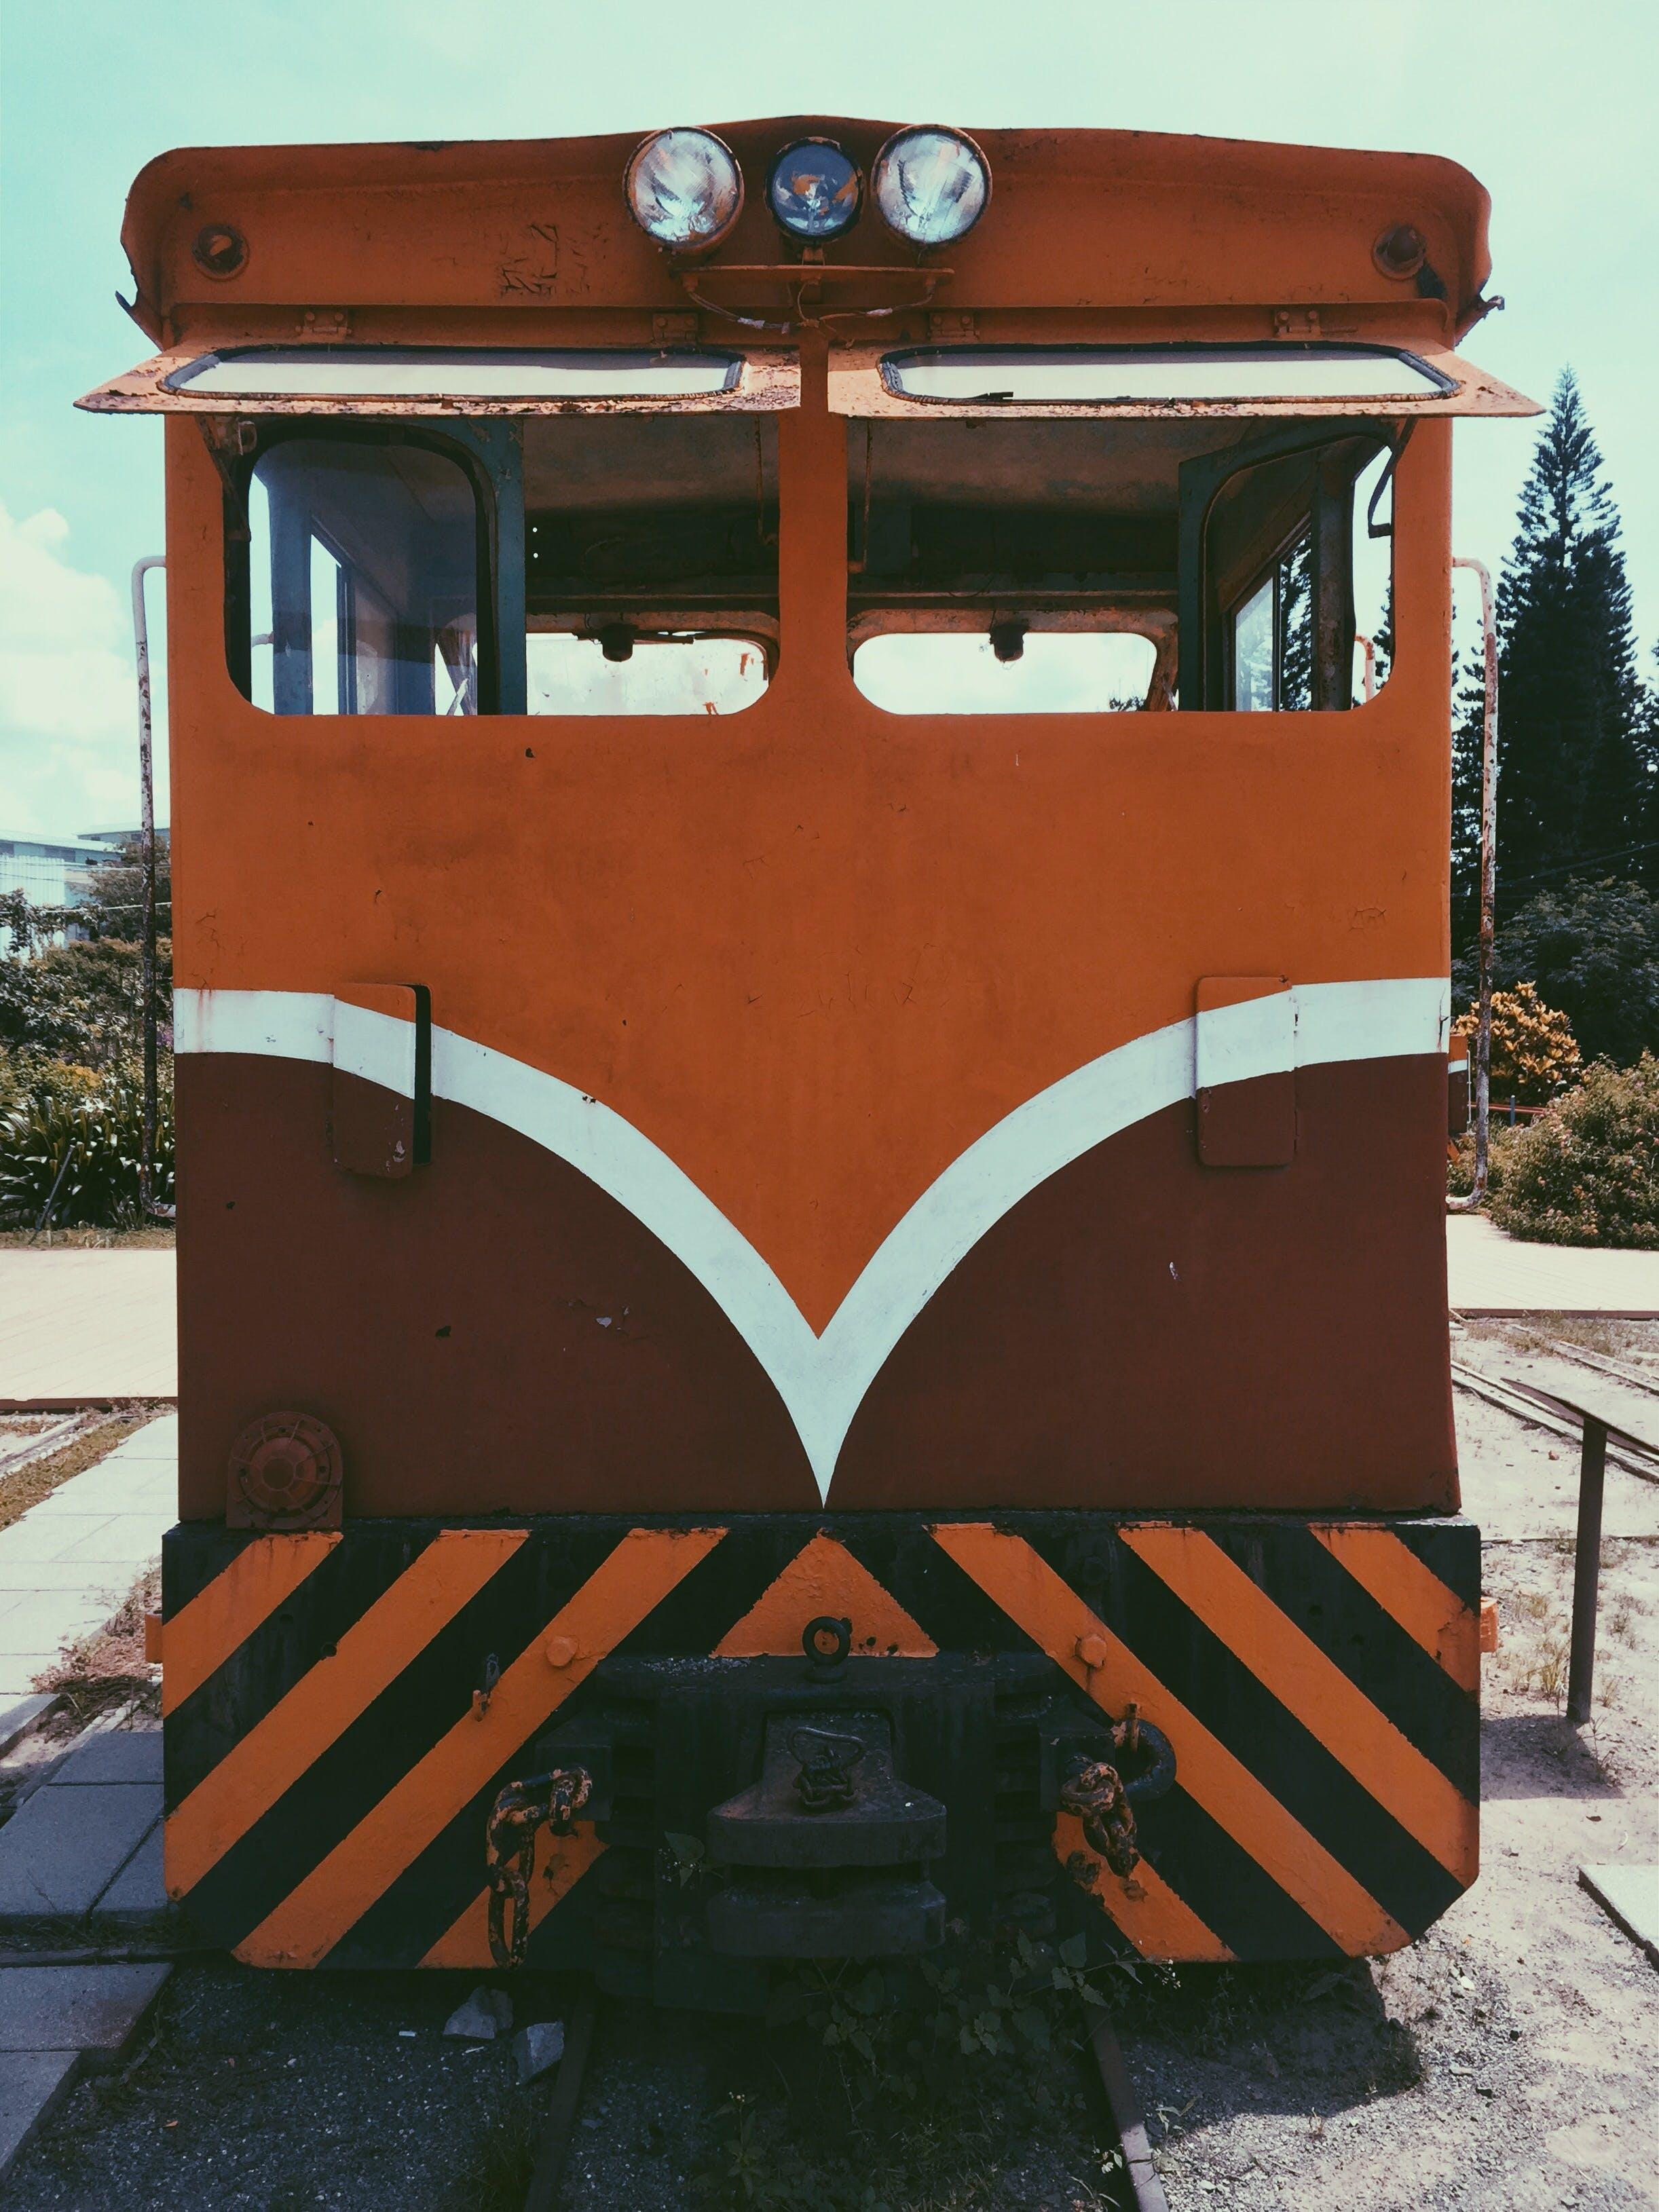 Orange, White, and Brown Train